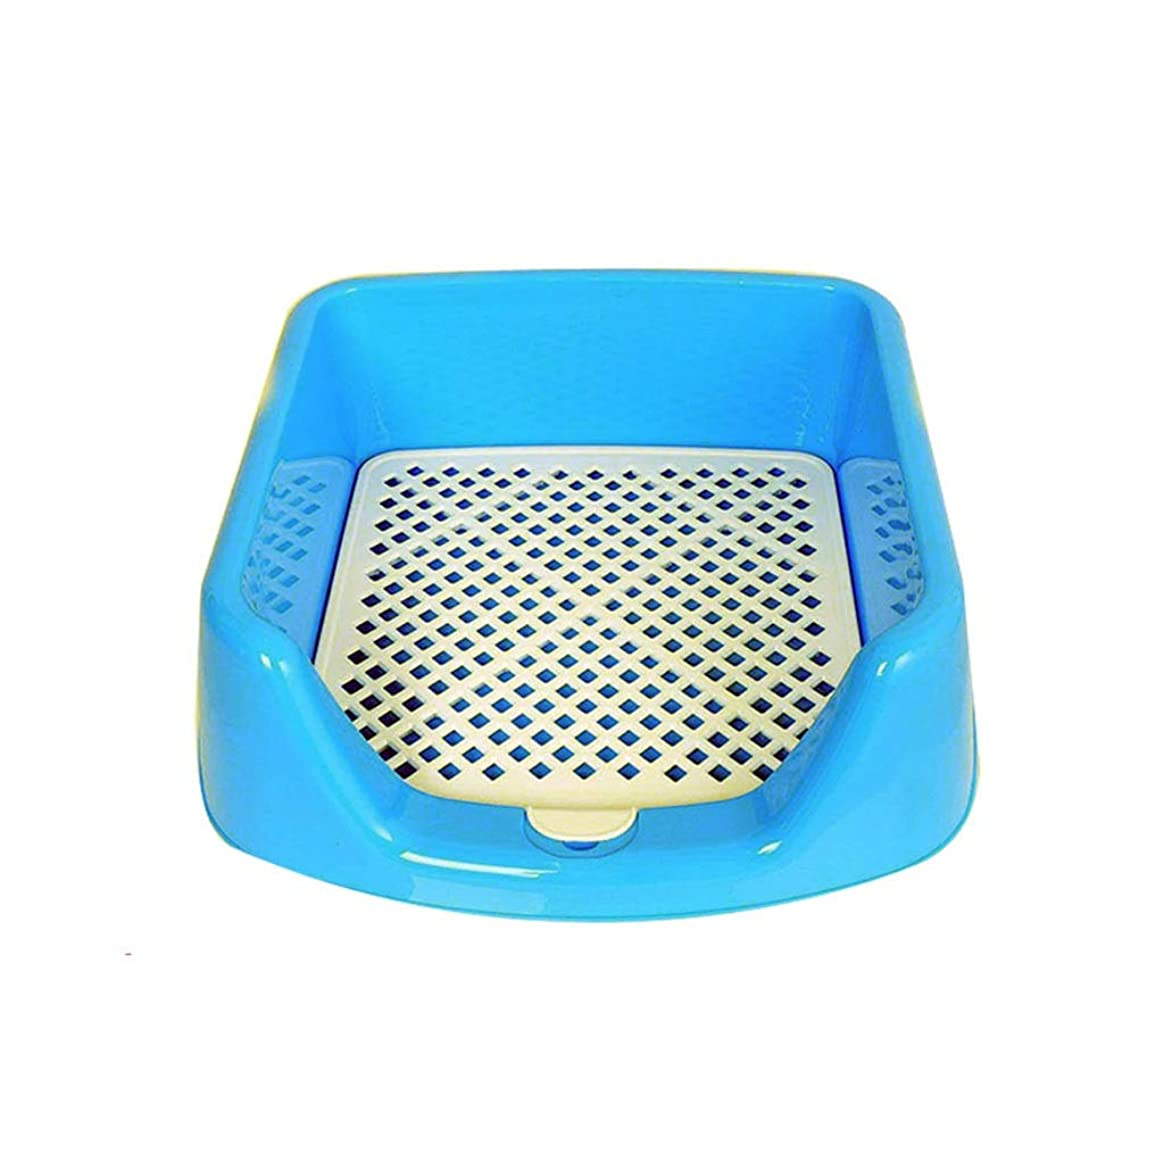 トレッドベスビオ山アナリスト猫砂猫のトイレ猫用砂箱 ペットトイレポータブル犬用トイレトレイ子犬トイレトレーニングパッドホルダーフェンス付き耐久性のあるメッシュペットトイレ (Color : Blue)